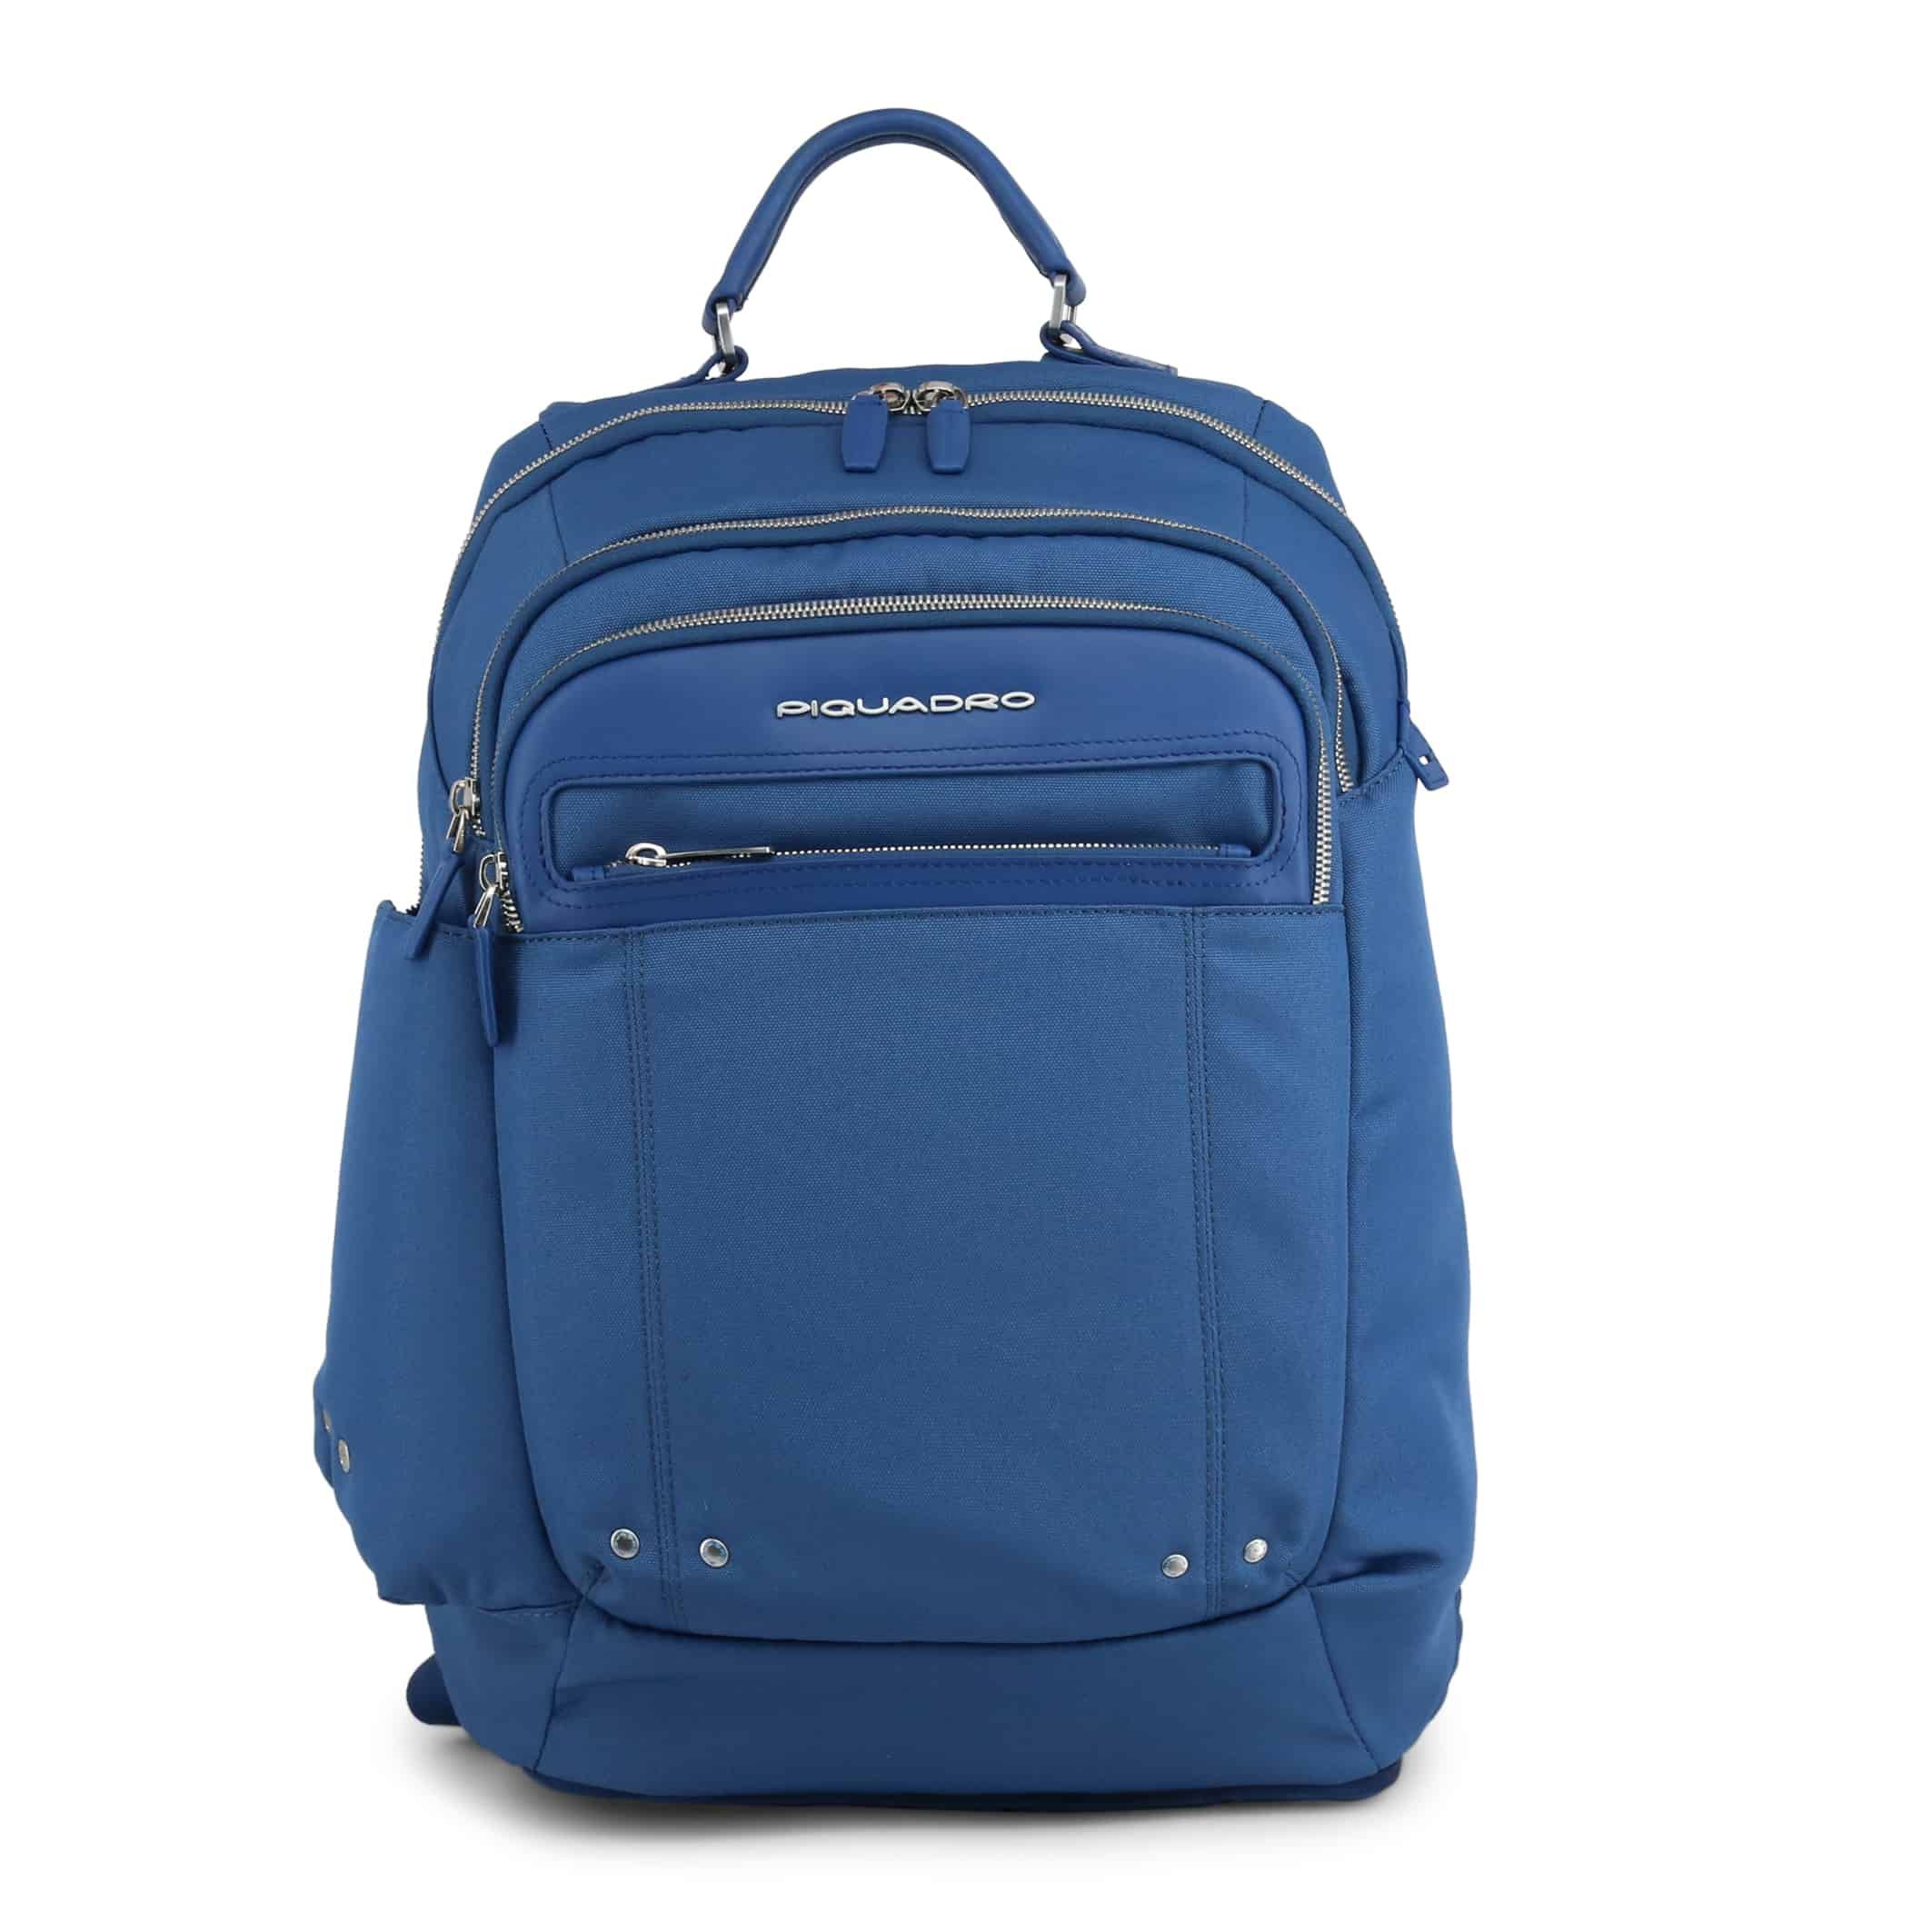 Rucksäcke Piquadro – OUTCA2961LK – Blau